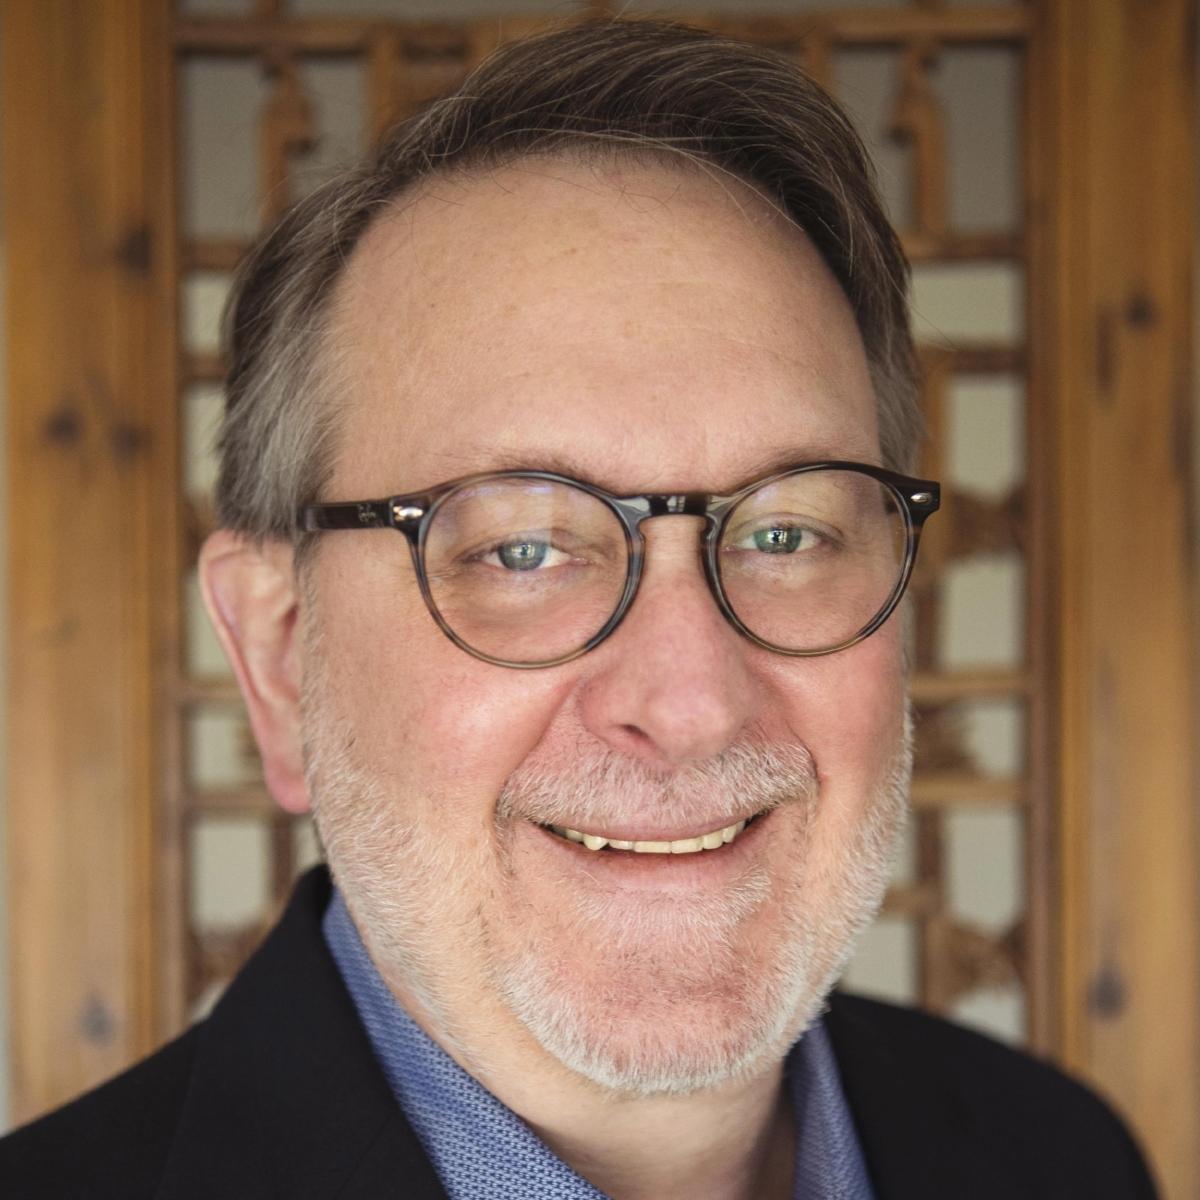 Don Holmquist